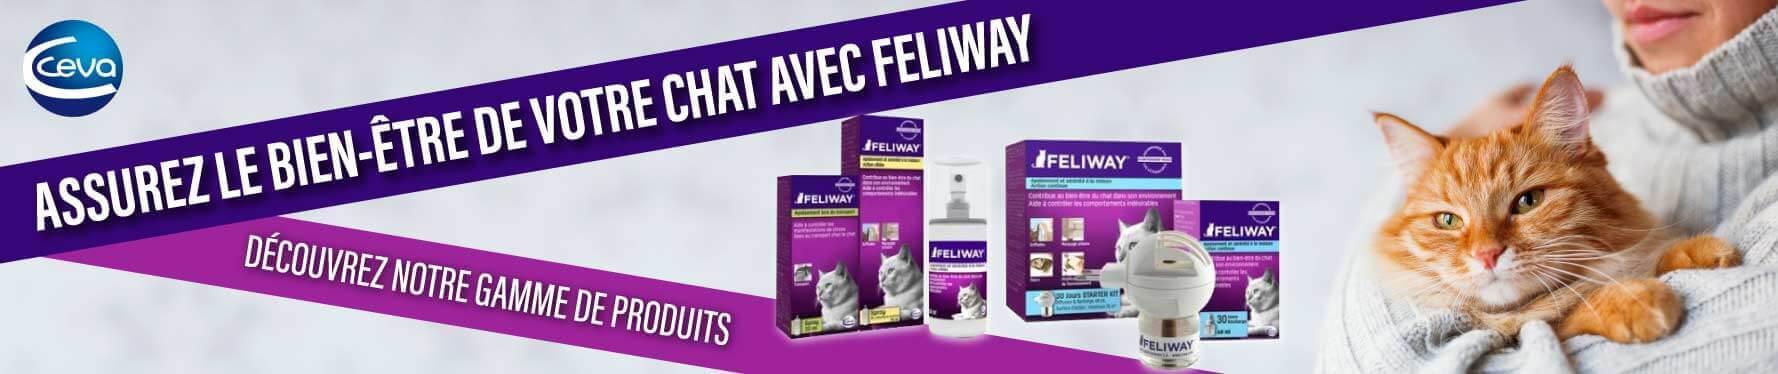 Découvrez notre gamme de produits Feliway